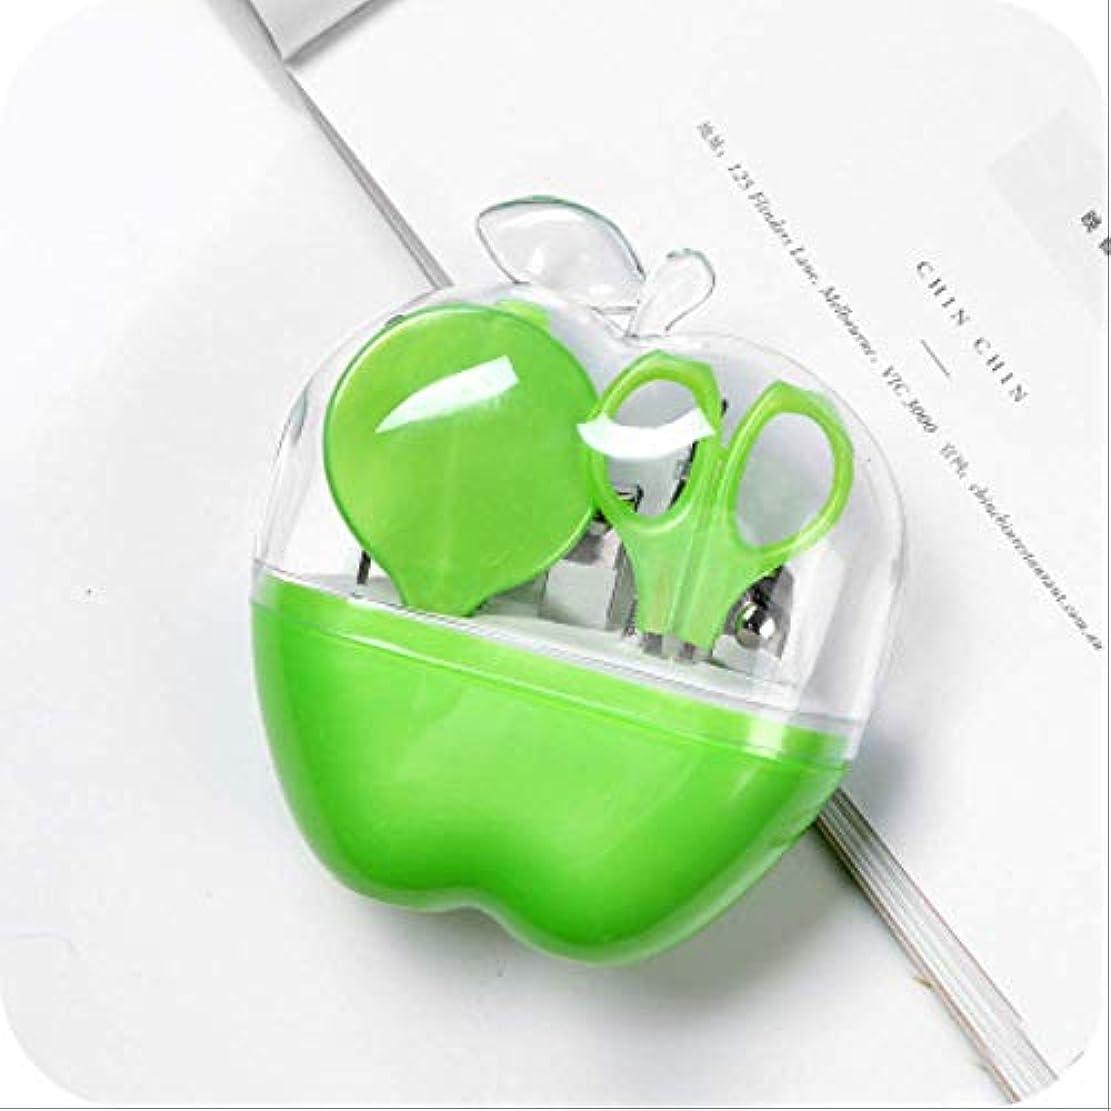 フローティング細菌算術赤ちゃんカット爪切りアップルタイプ9ピースセットツールギフトキッズ爪切りセット 緑[8点セット]